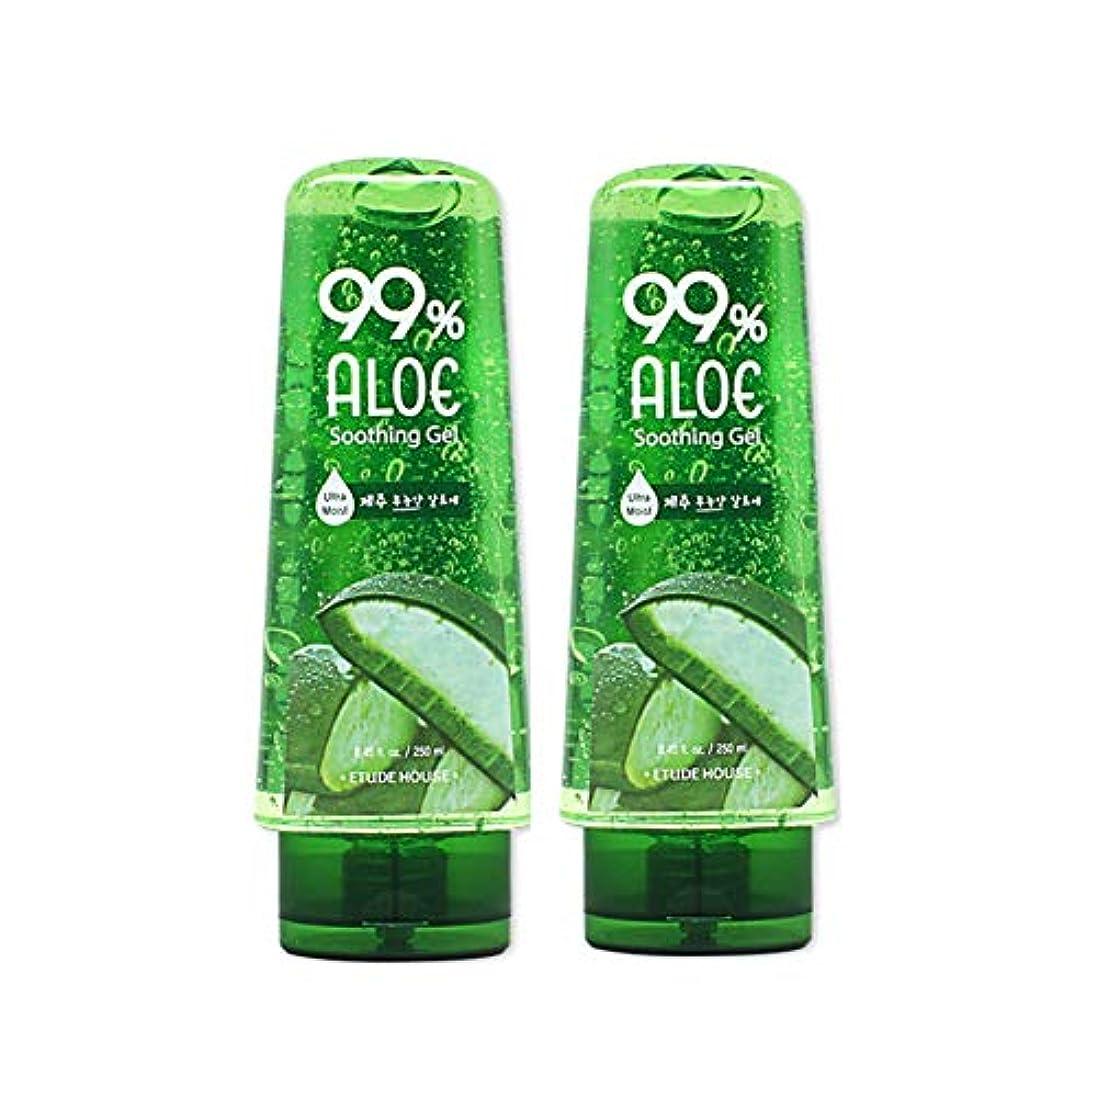 制限されたチェス販売計画エチュードハウス99%アロエスージングジェル250mlx2本セット韓国コスメ、Etude House 99% Aloe Soothing Gel 250ml x 2ea Set Korean Cosmetics [並行輸入品]